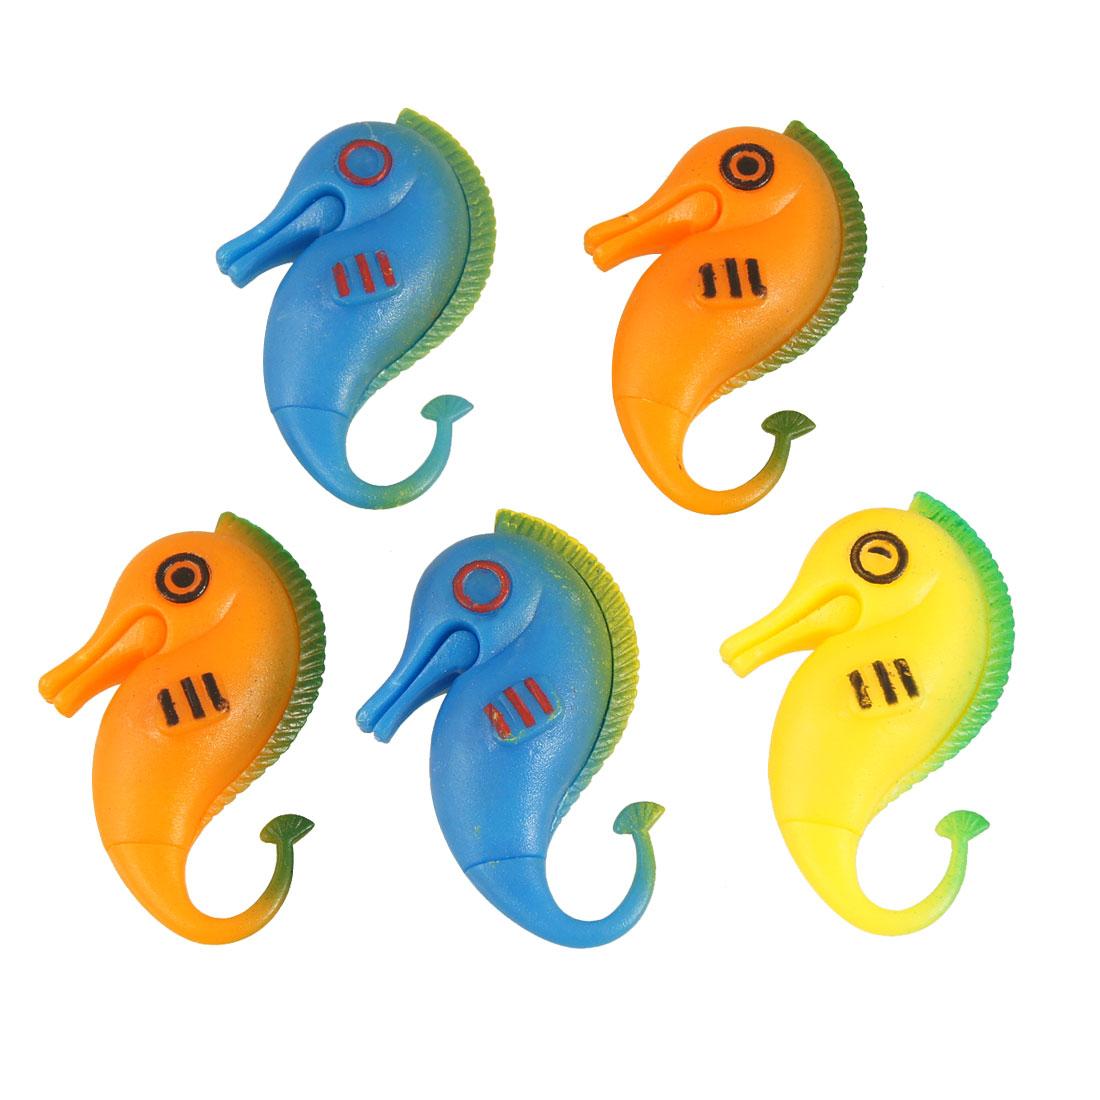 5 Pcs Tricolor Plastic Floating Seahorse Fish for Aquarium